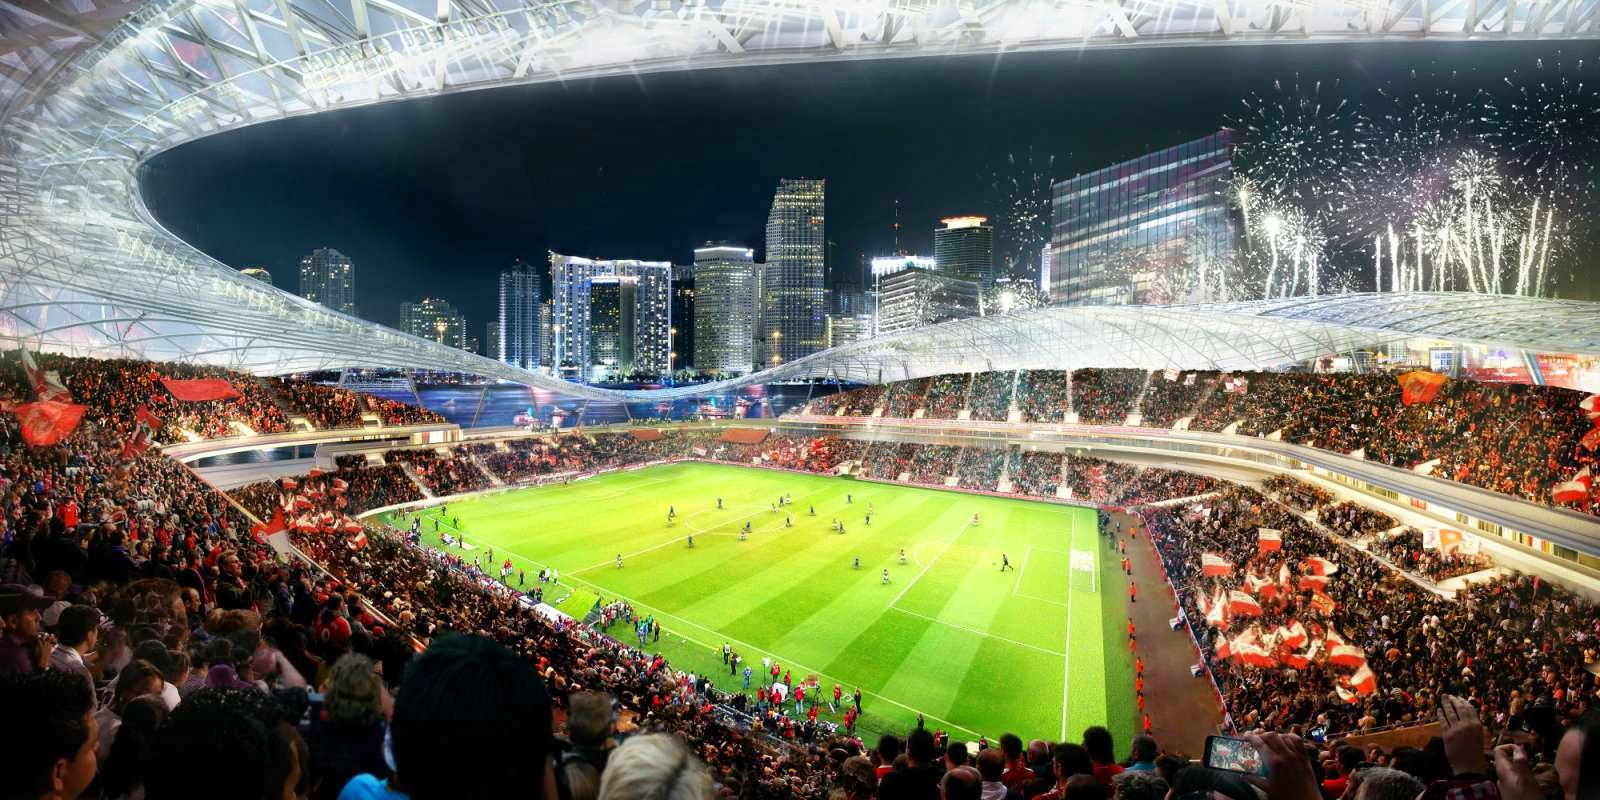 Patrocinada por el 03-Estadio-Port-Miami por Arquitectonica por David Beckham-